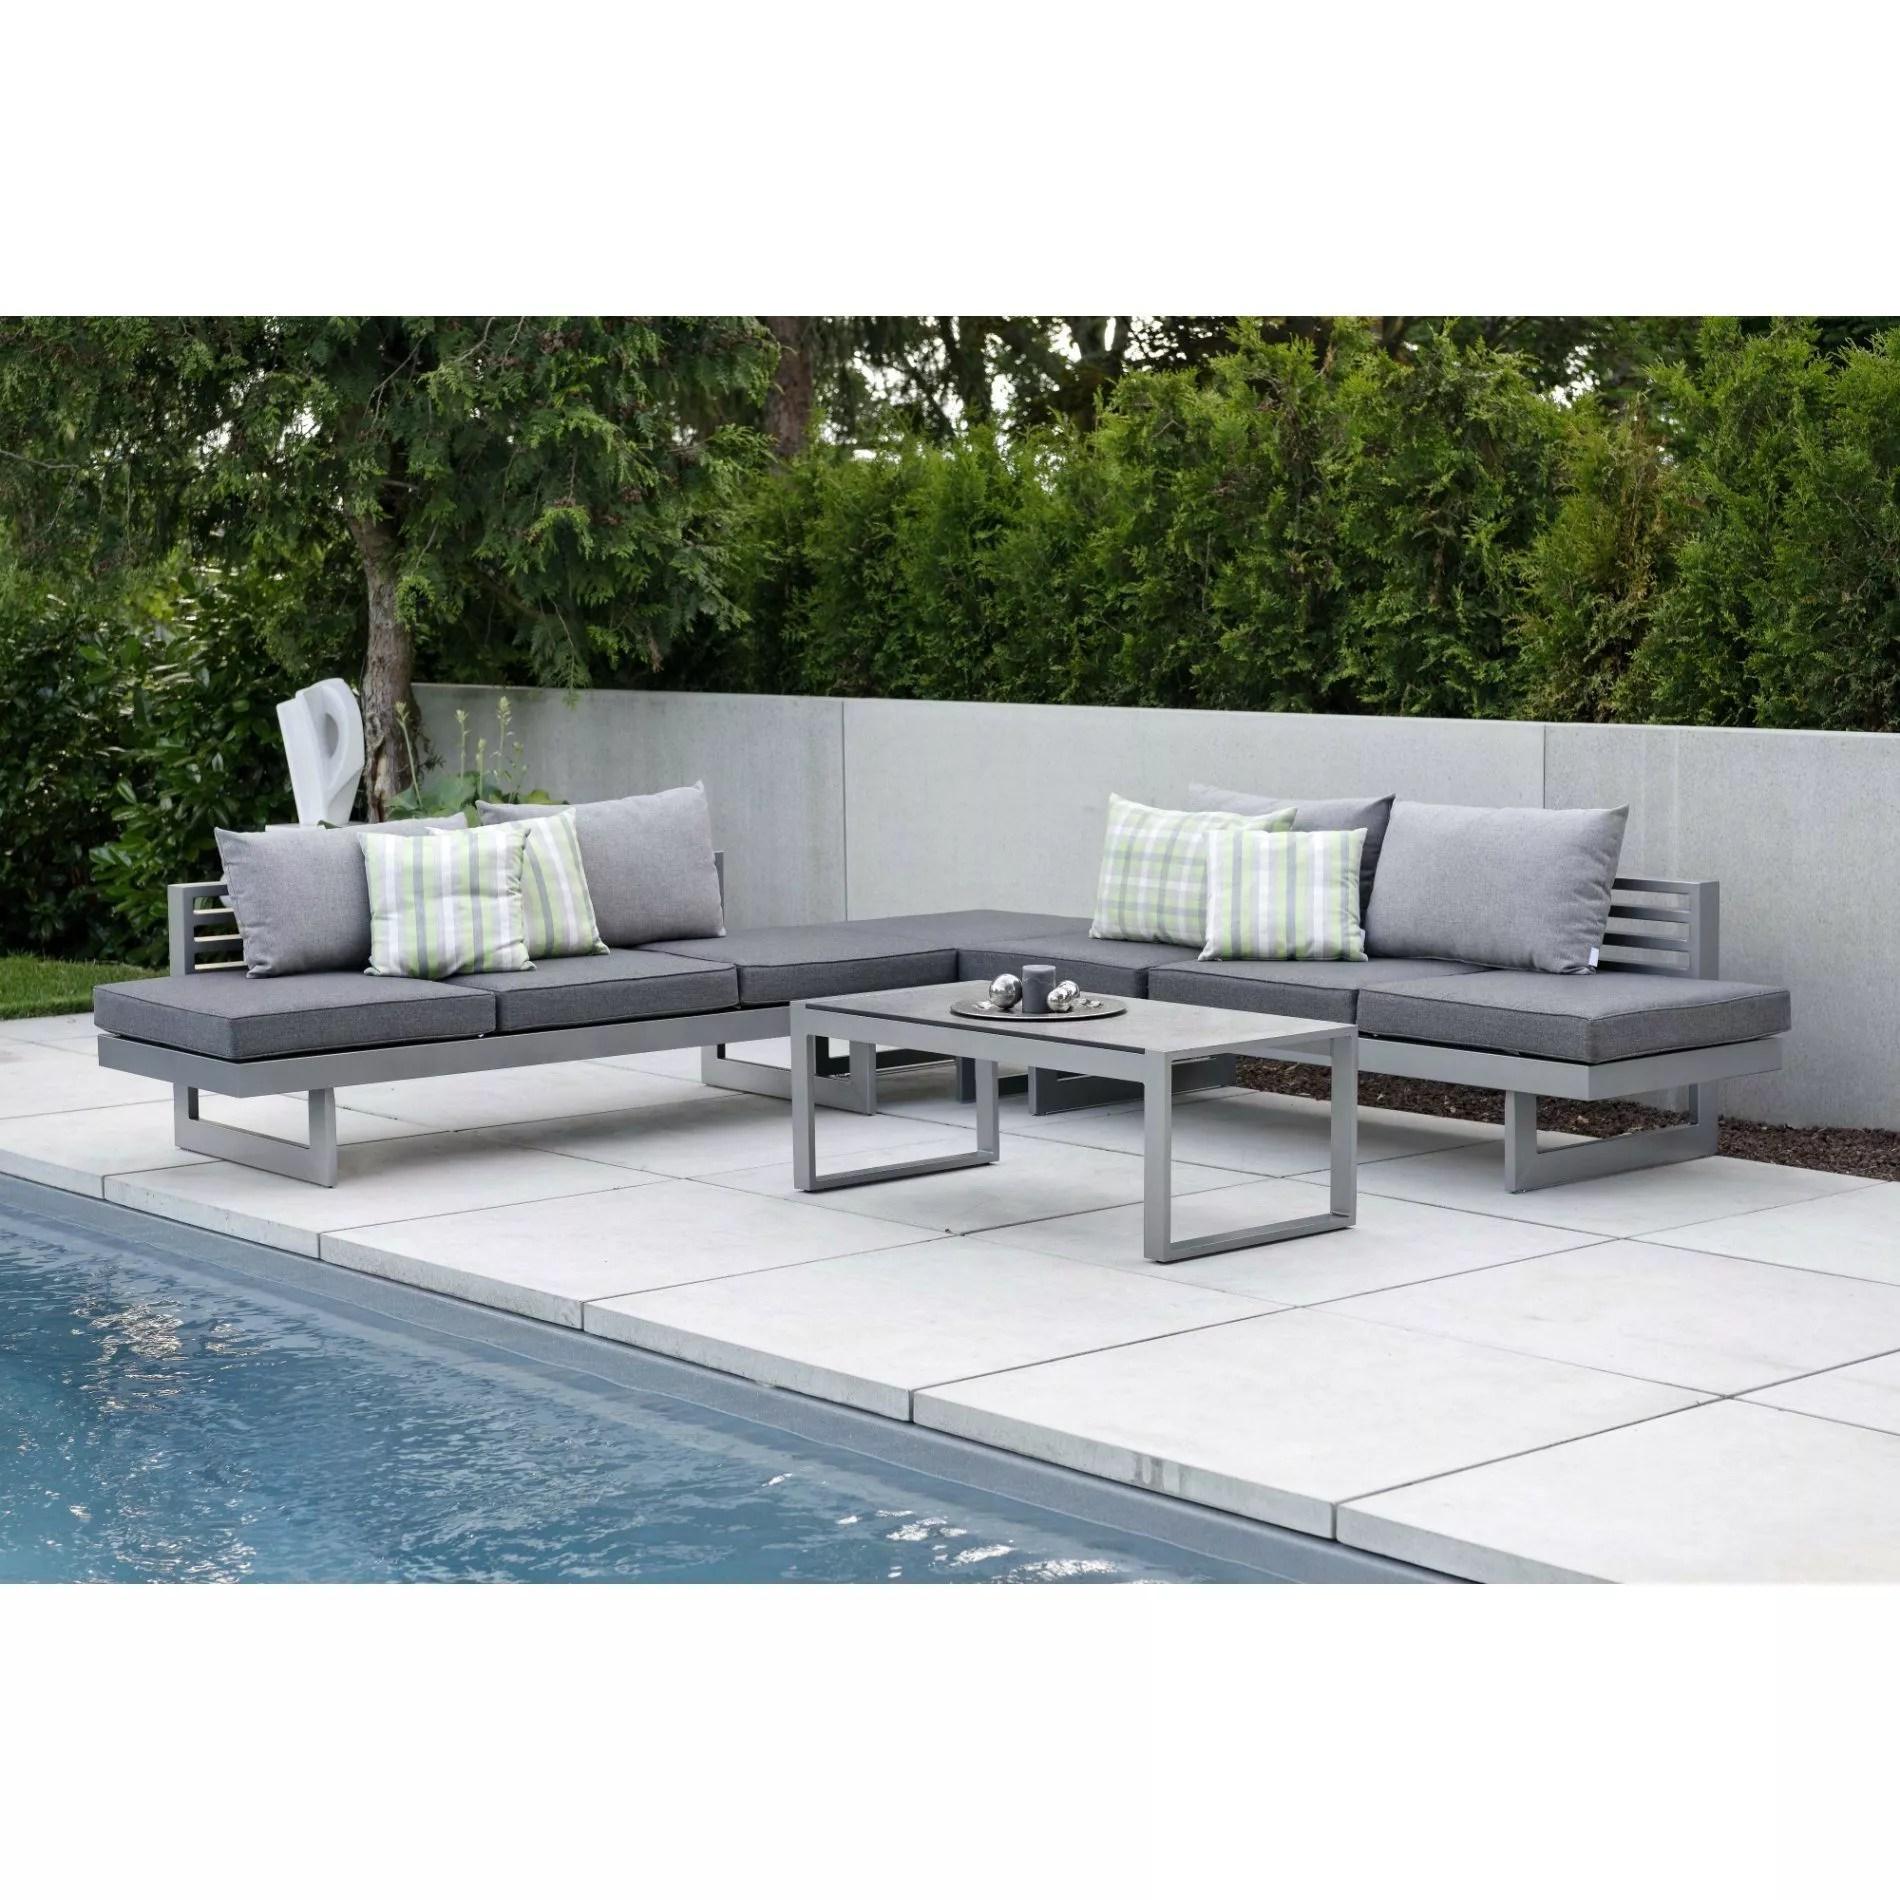 Kasper Wohndesign Relaxliege: Lounge Sonnenliege Liegestühle Von Dedon